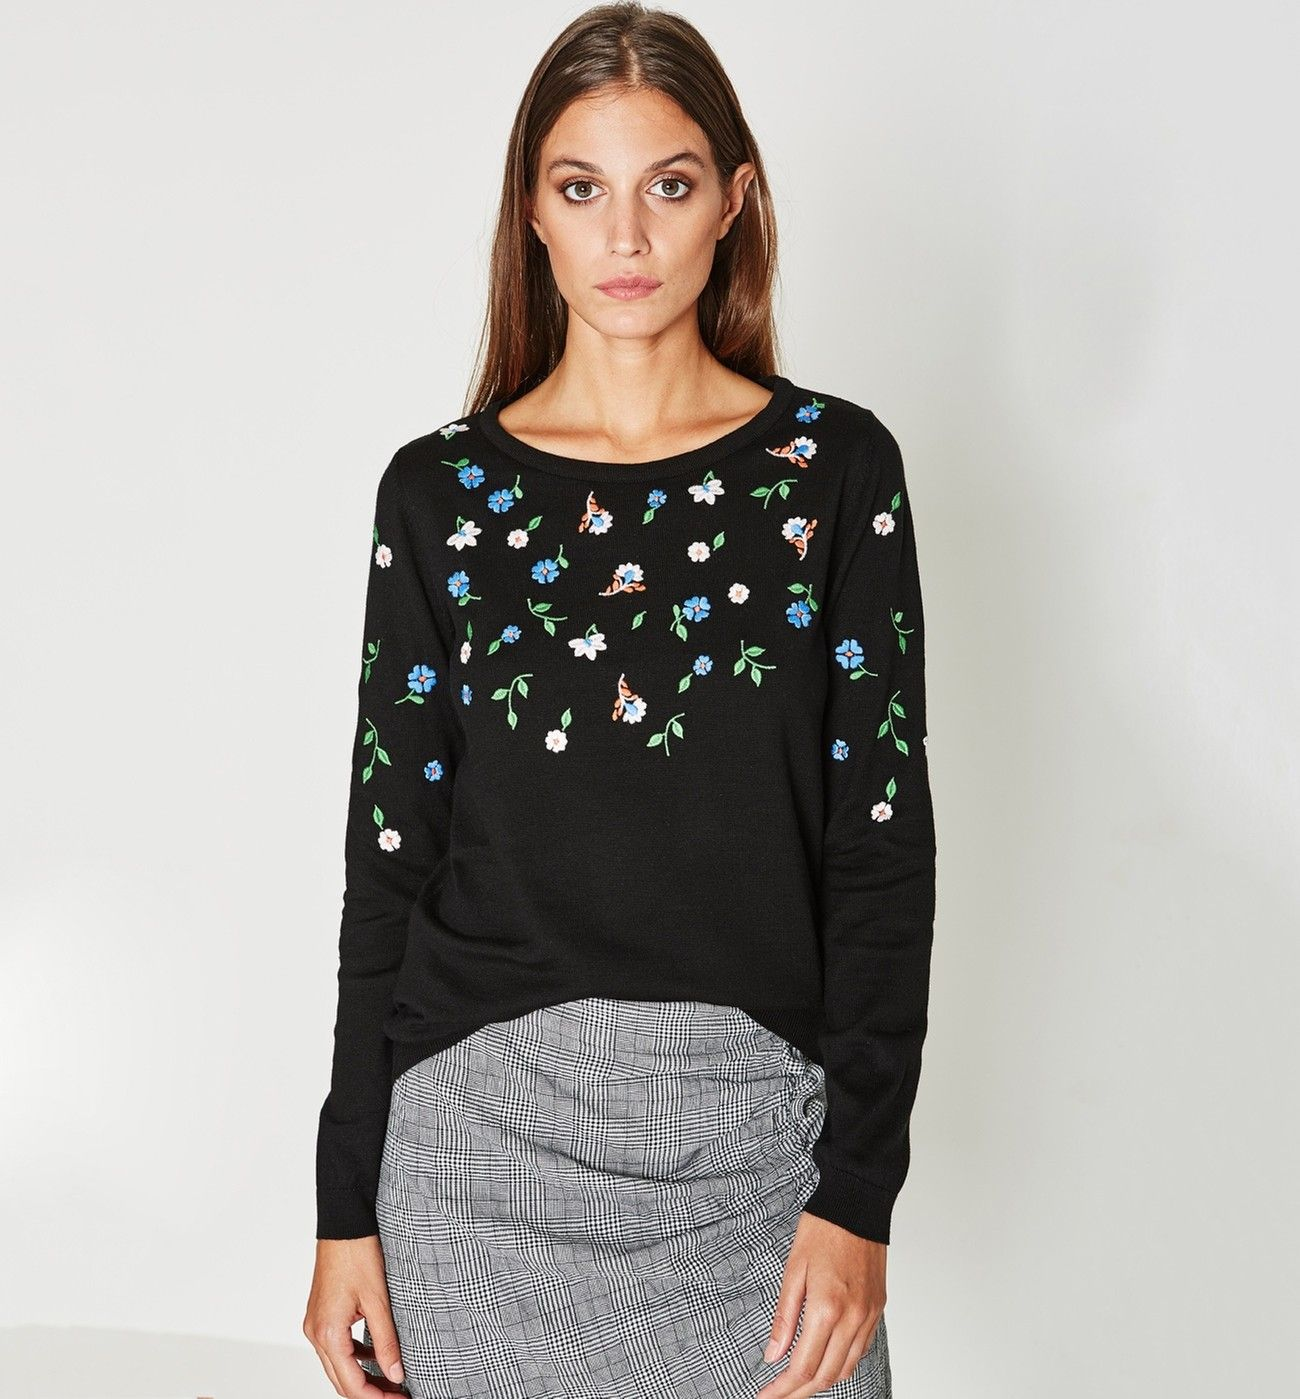 Pin Von Maria Vika44 Auf Pomysly Modowe Moj Styl In 2020 Mode Pullover Und Rollkragenpullover Damen